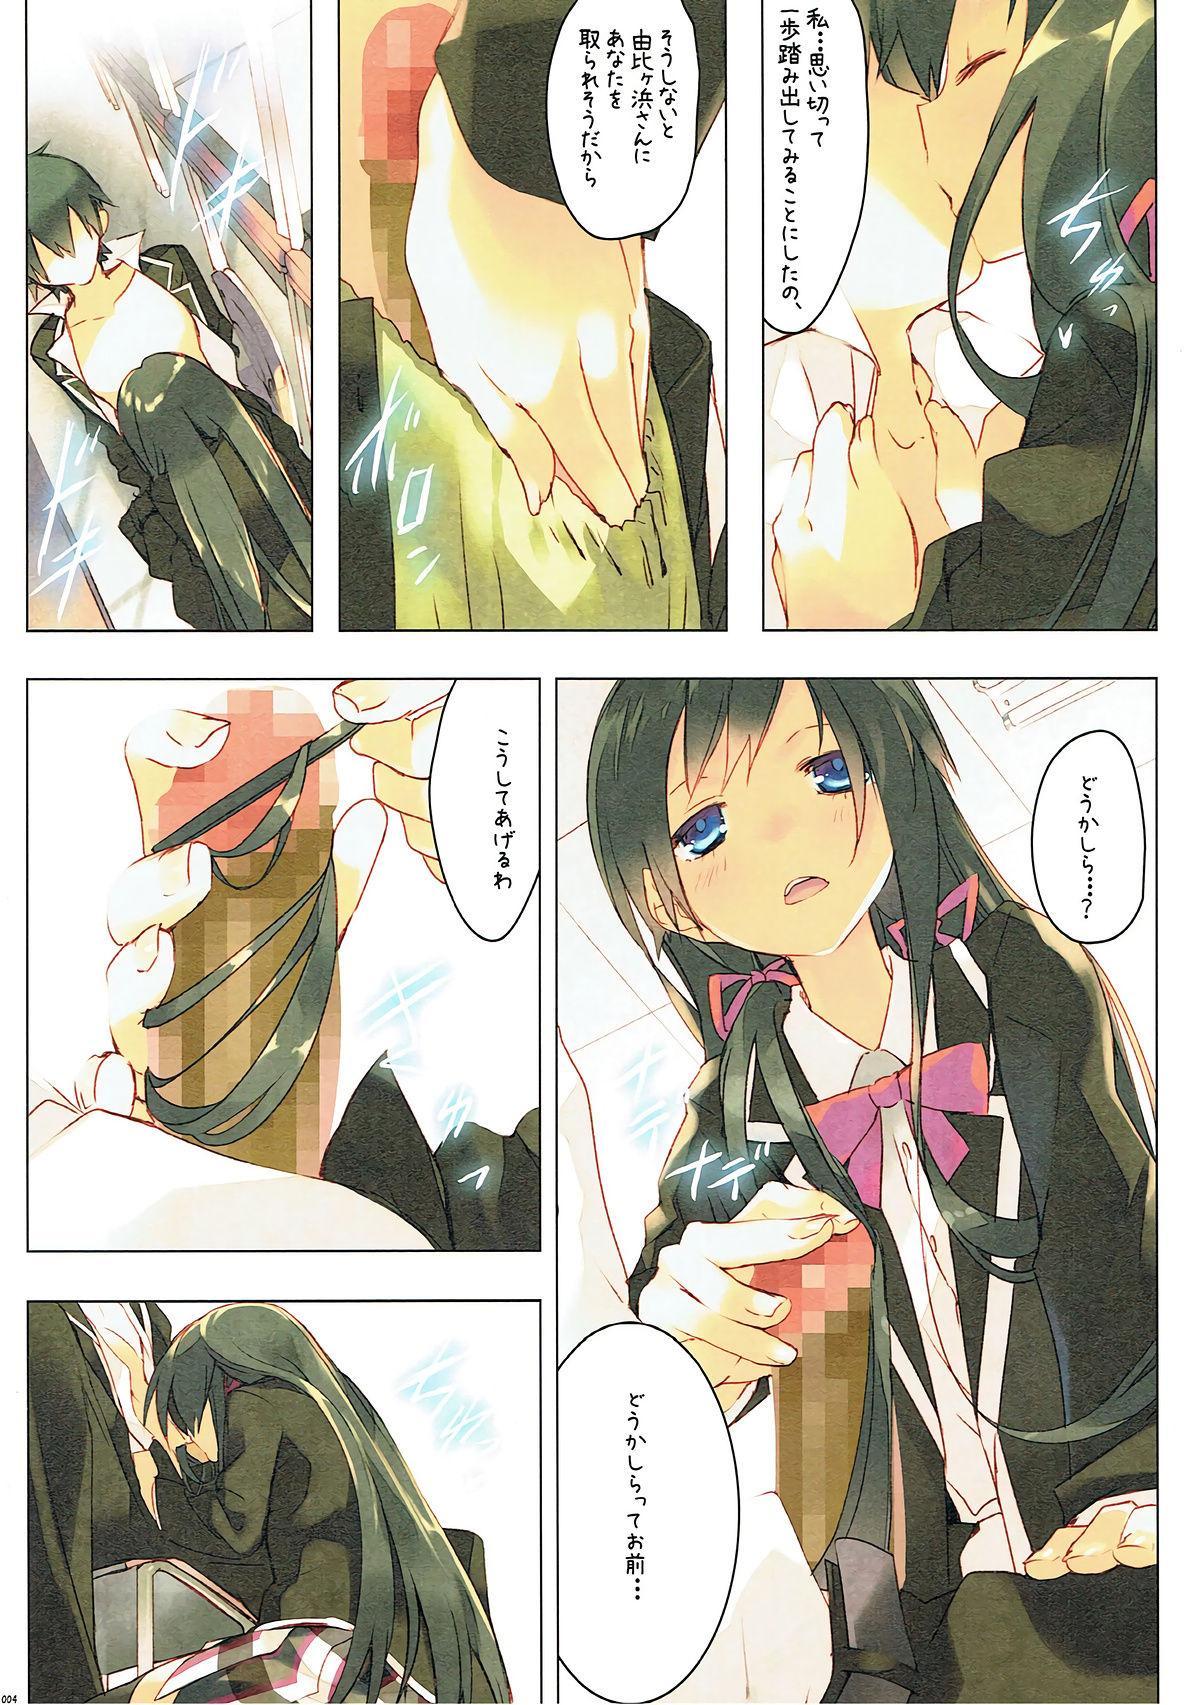 Ore no Seishun Love Come wa Machigatteiru. 2